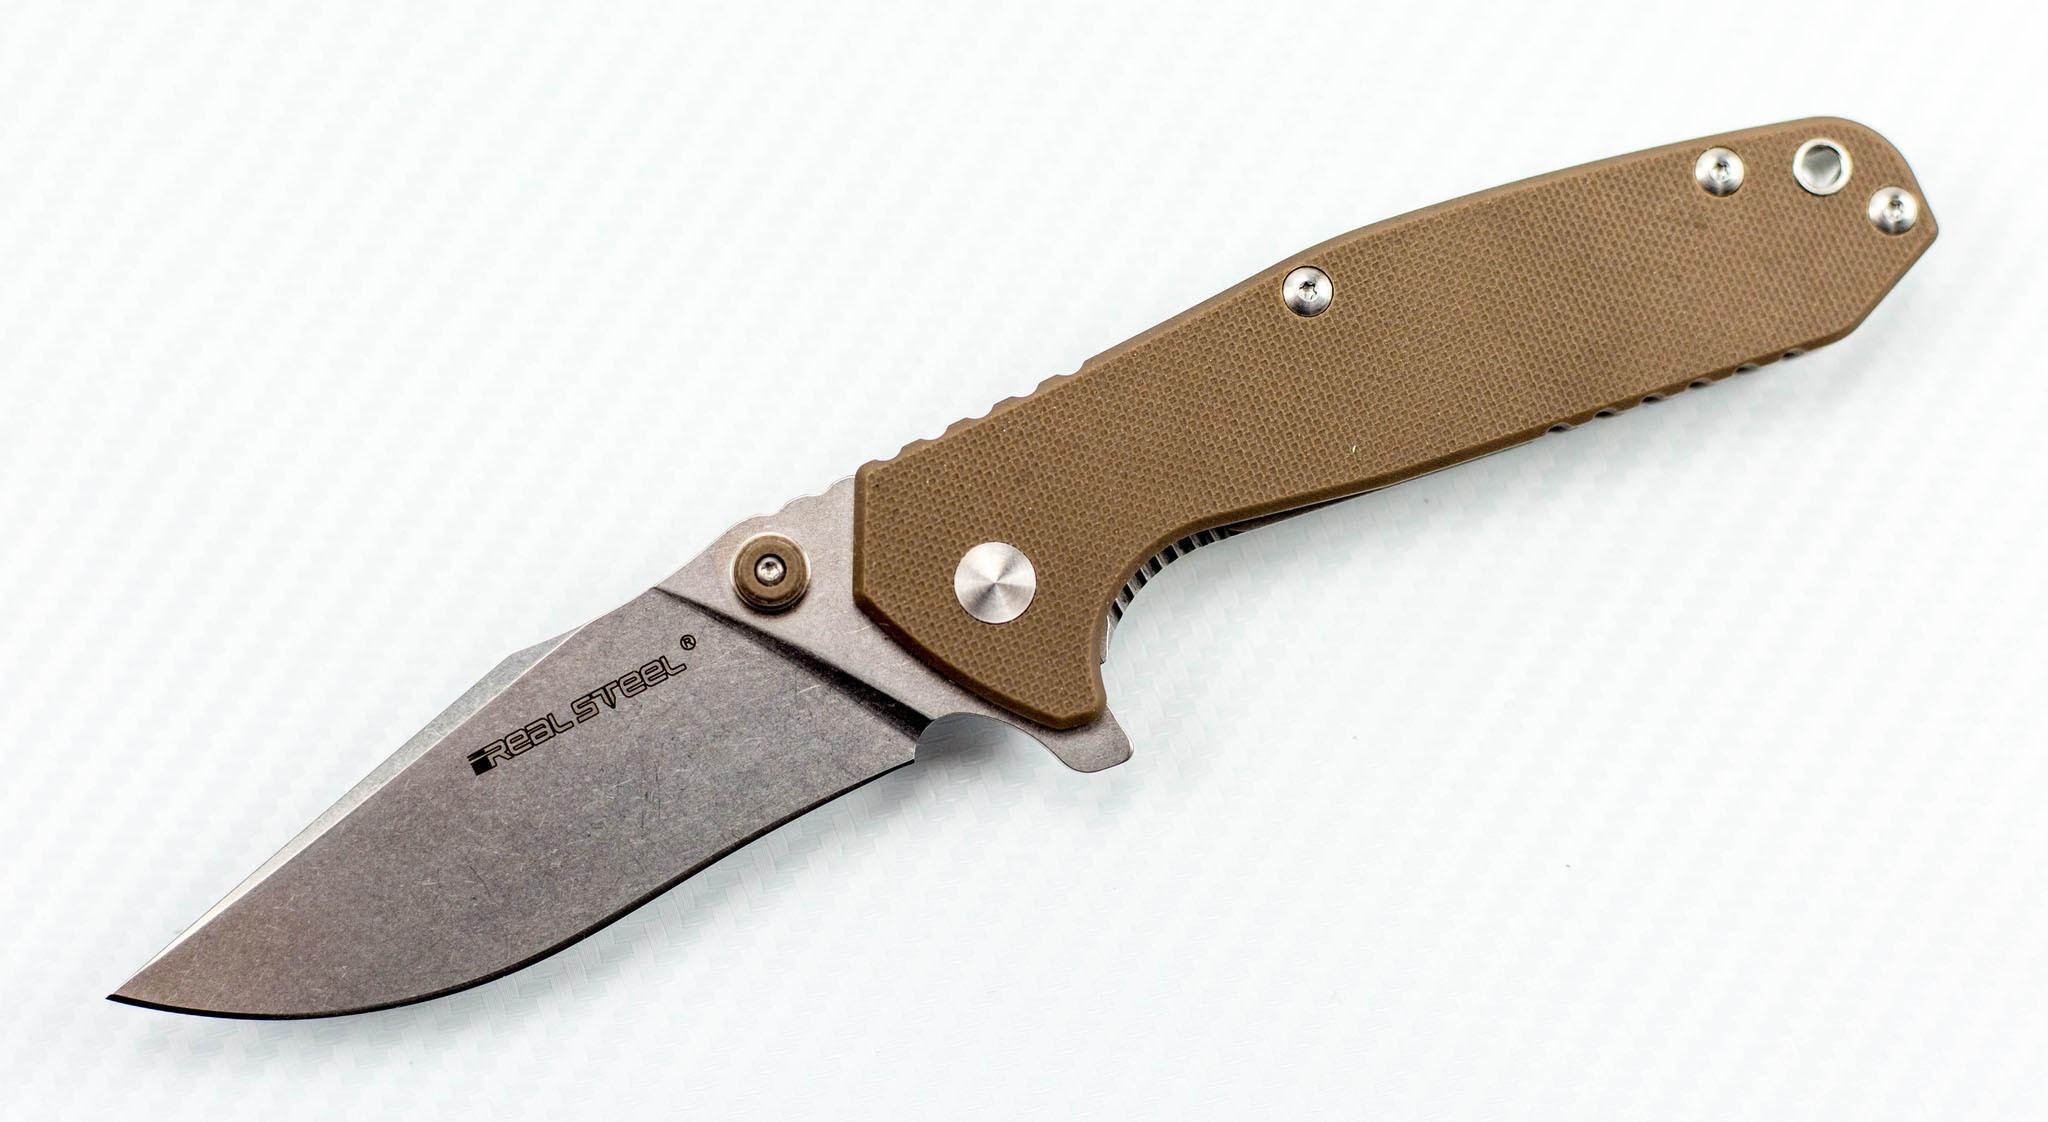 Нож H5 Gerfalcon, gray от Realsteel